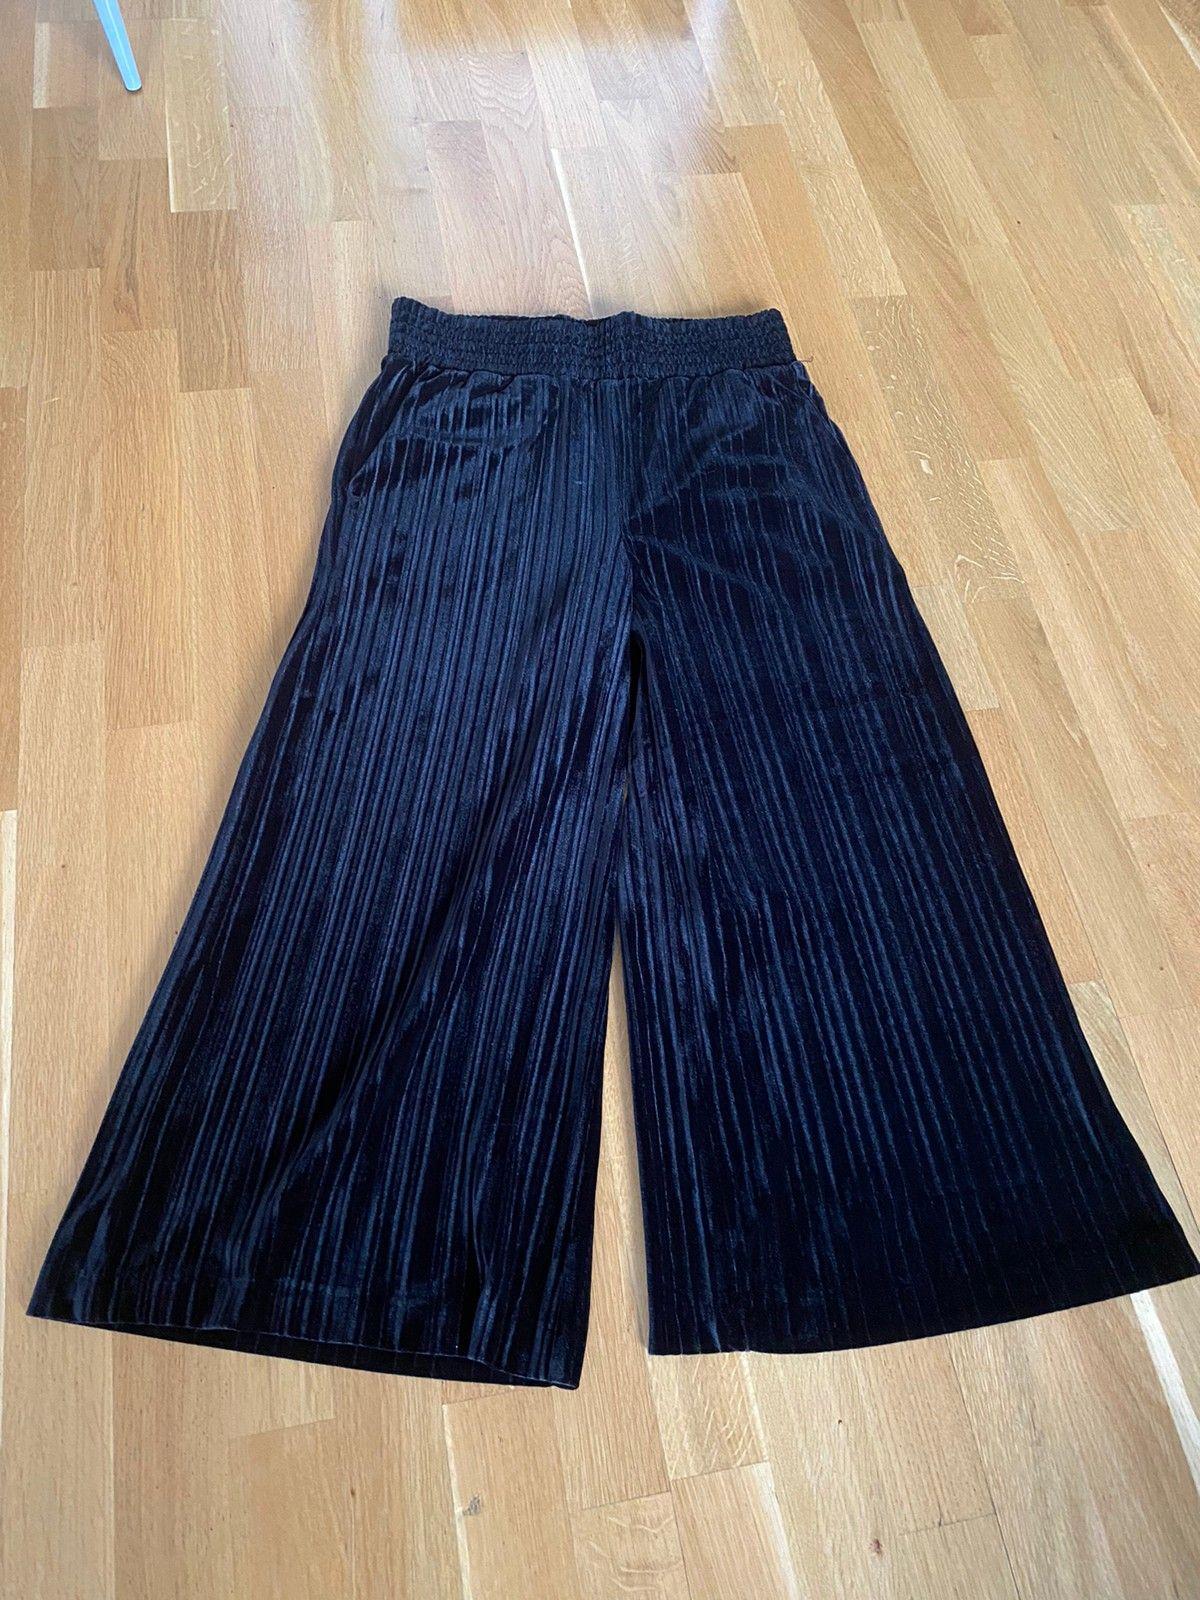 Arniesays louisa velvet pleat bukse til salgs, Str. M   FINN.no